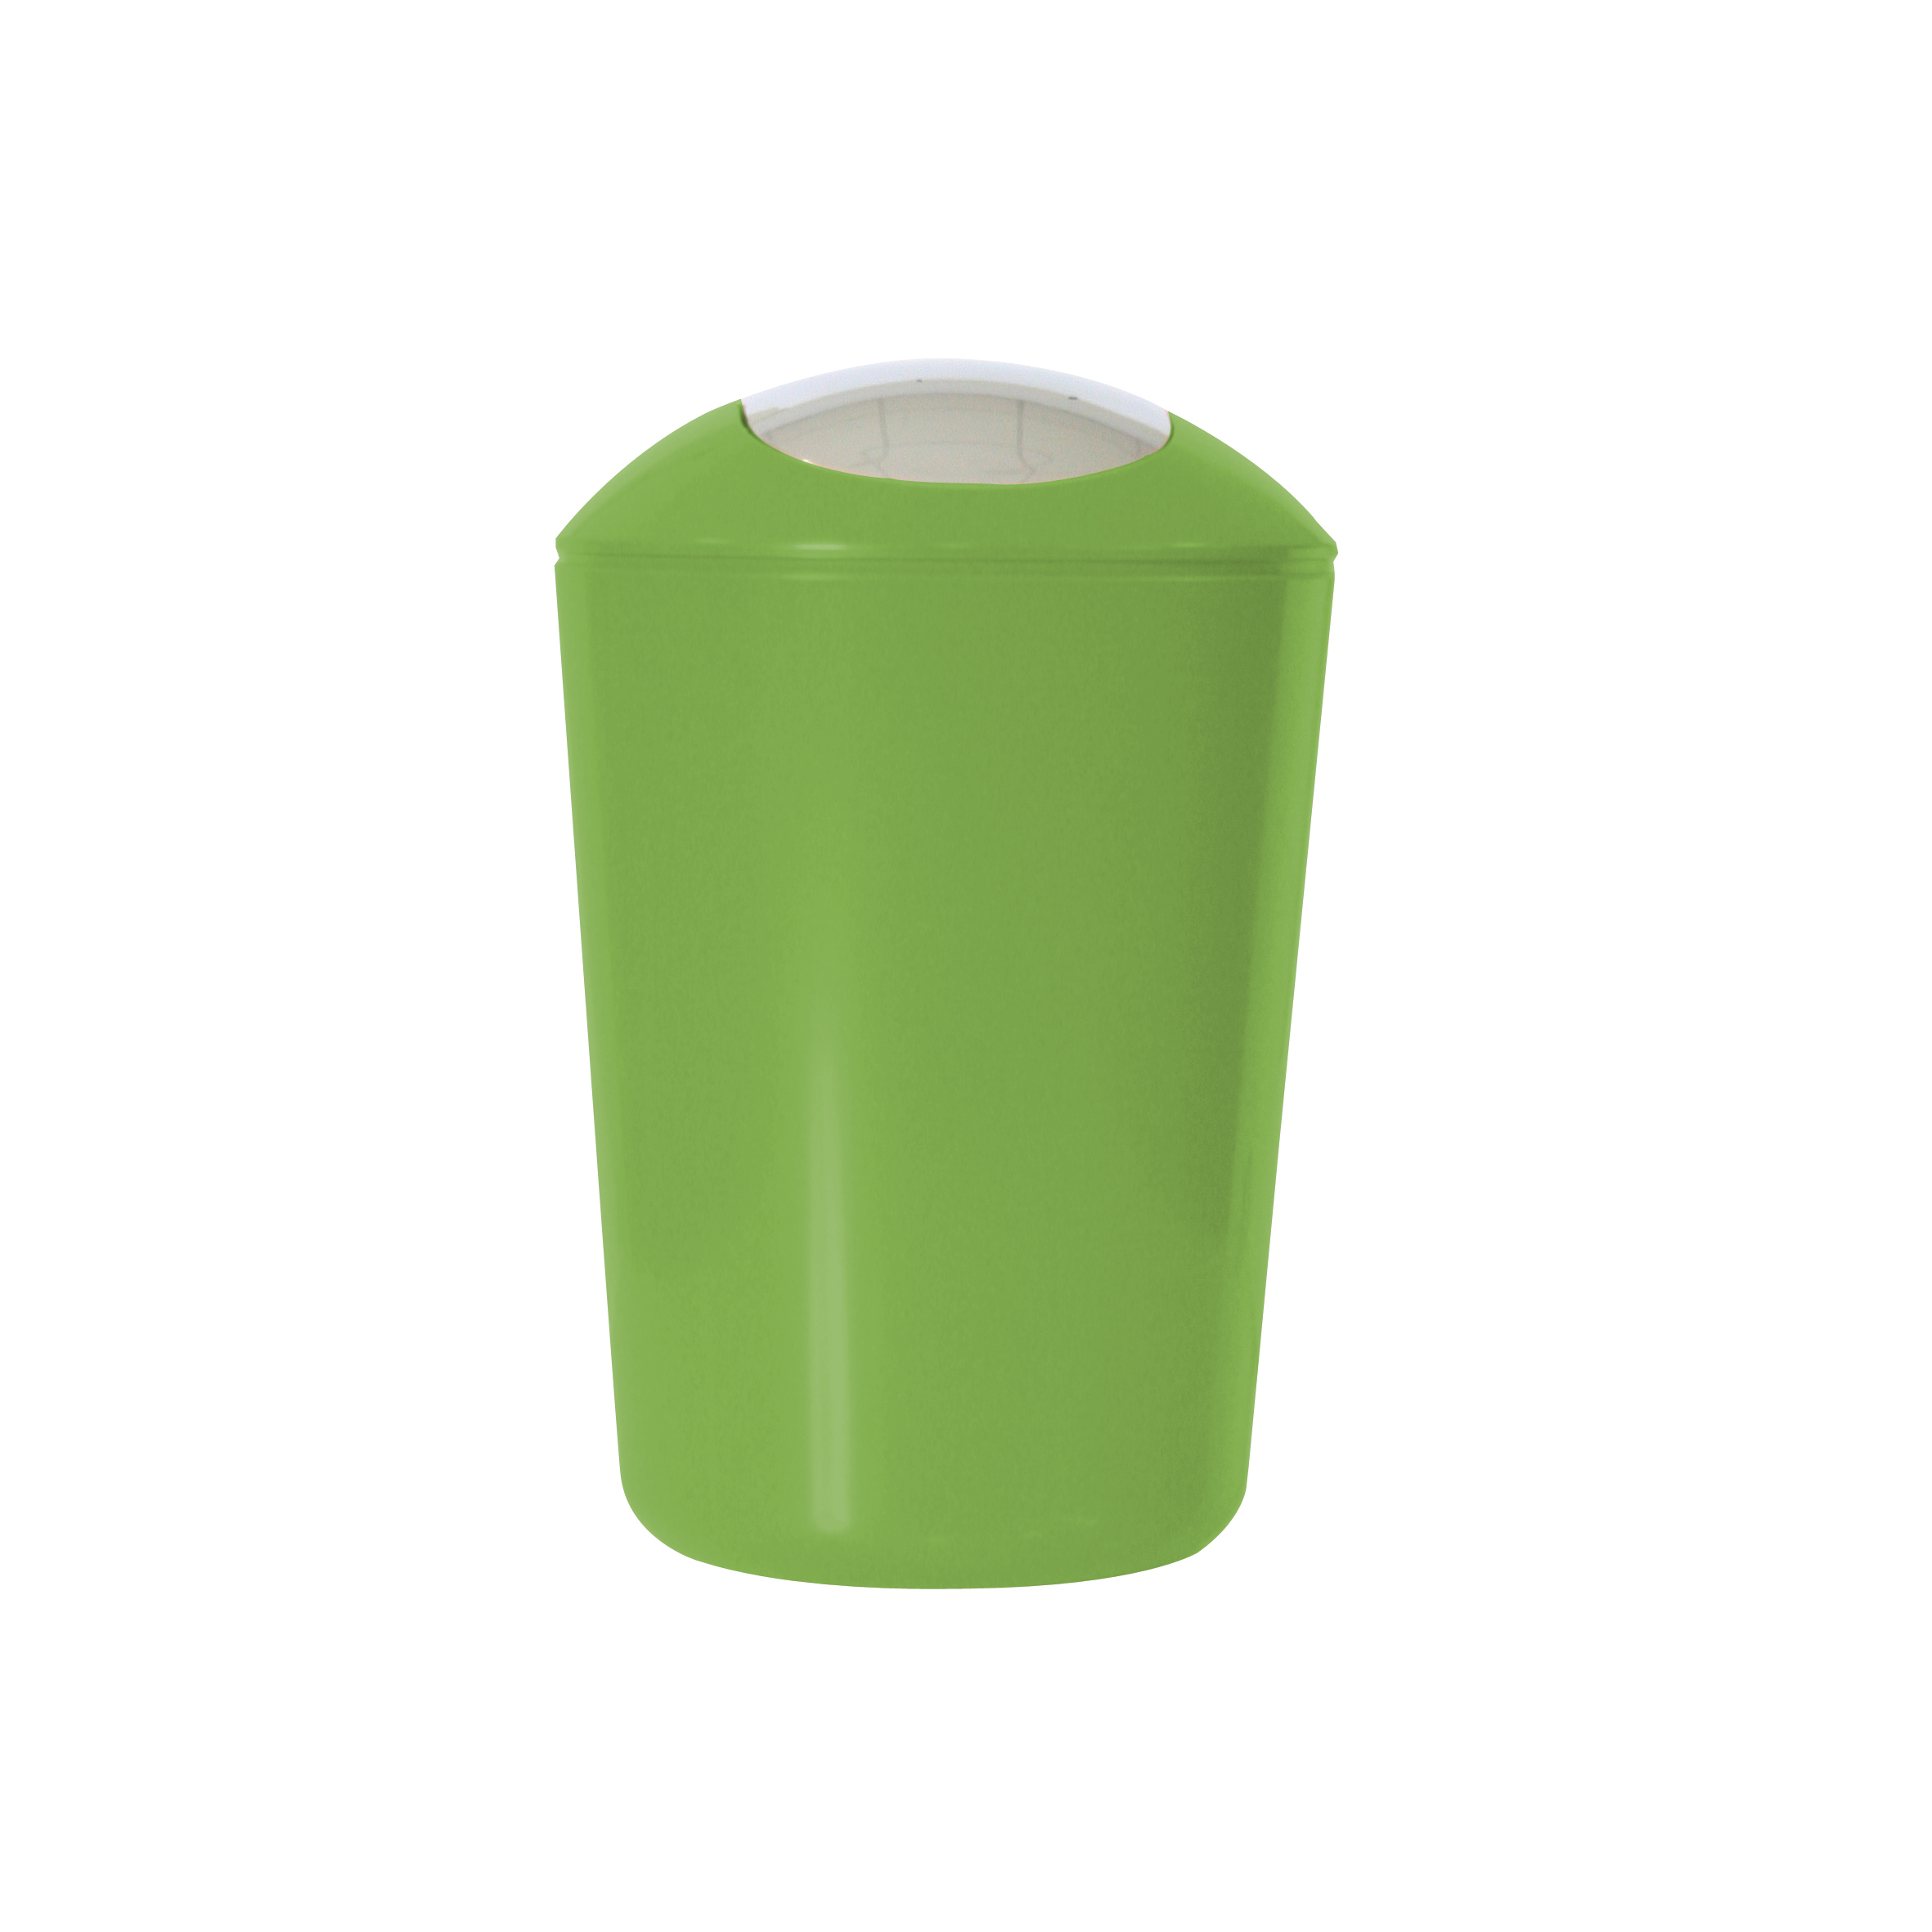 Ведро для мусора Axentia, с крышкой, цвет: зеленый, хром, 5 л11290-MГлянцевое ведро для мусора Axentia, выполненное из высококачественного износостойкого пластика, оснащено хромированную крышку типа качели. Подходит для использования в ванной комнате или на кухне. Стильный дизайн и яркая расцветка прекрасно подойдет для любого интерьера ванной комнаты или кухни. Размер ведра: 20 х 20 х 30 см.Объем ведра: 5 л.